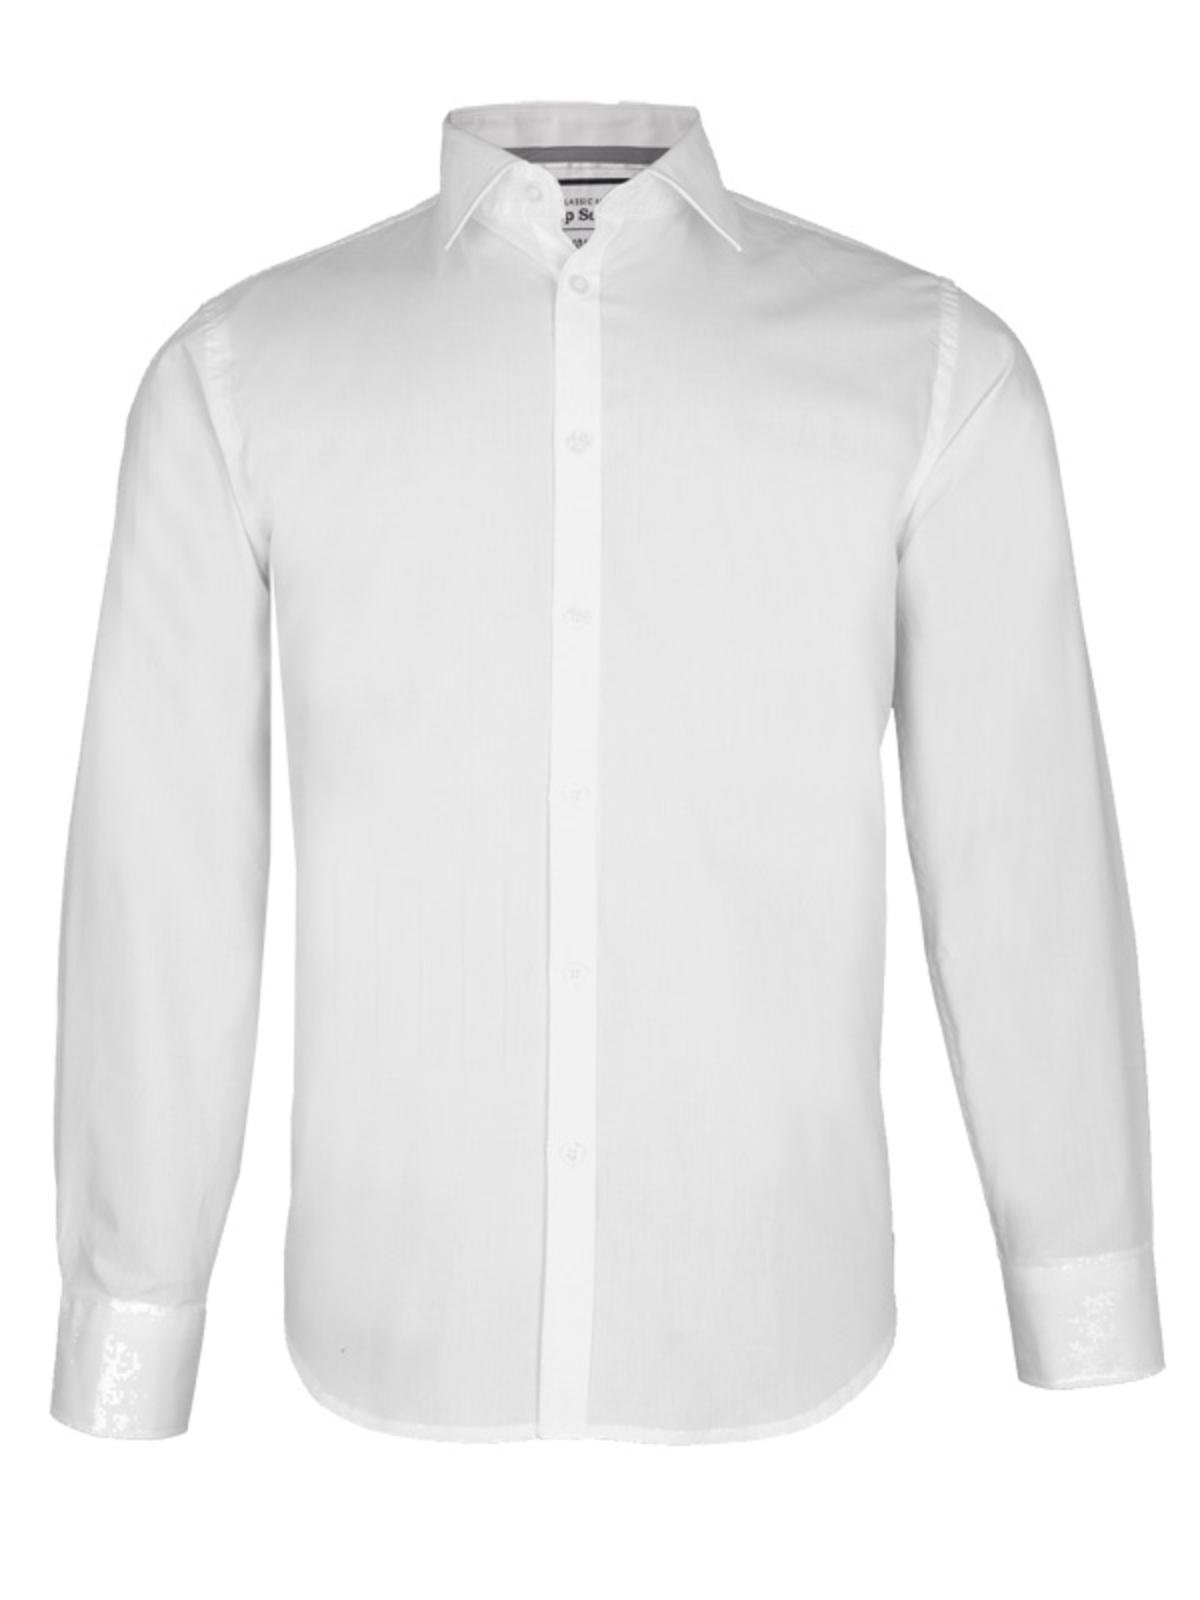 NEW! Рубашка мужская длинный рукав (TOPSECRET, Польша)